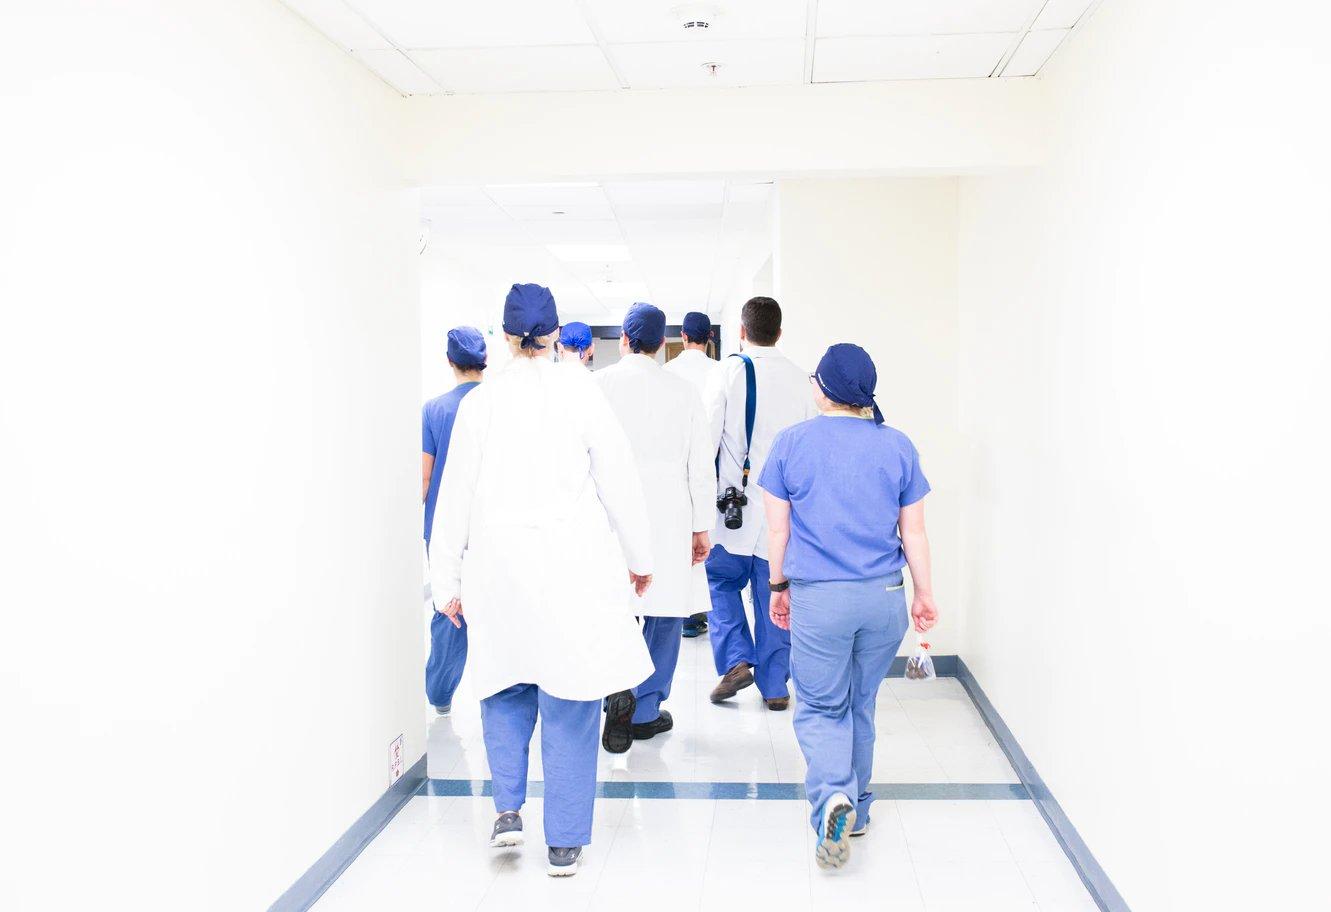 Sanità pubblica – Se vogliamo assumere più medici bisogna semplificare il sistema